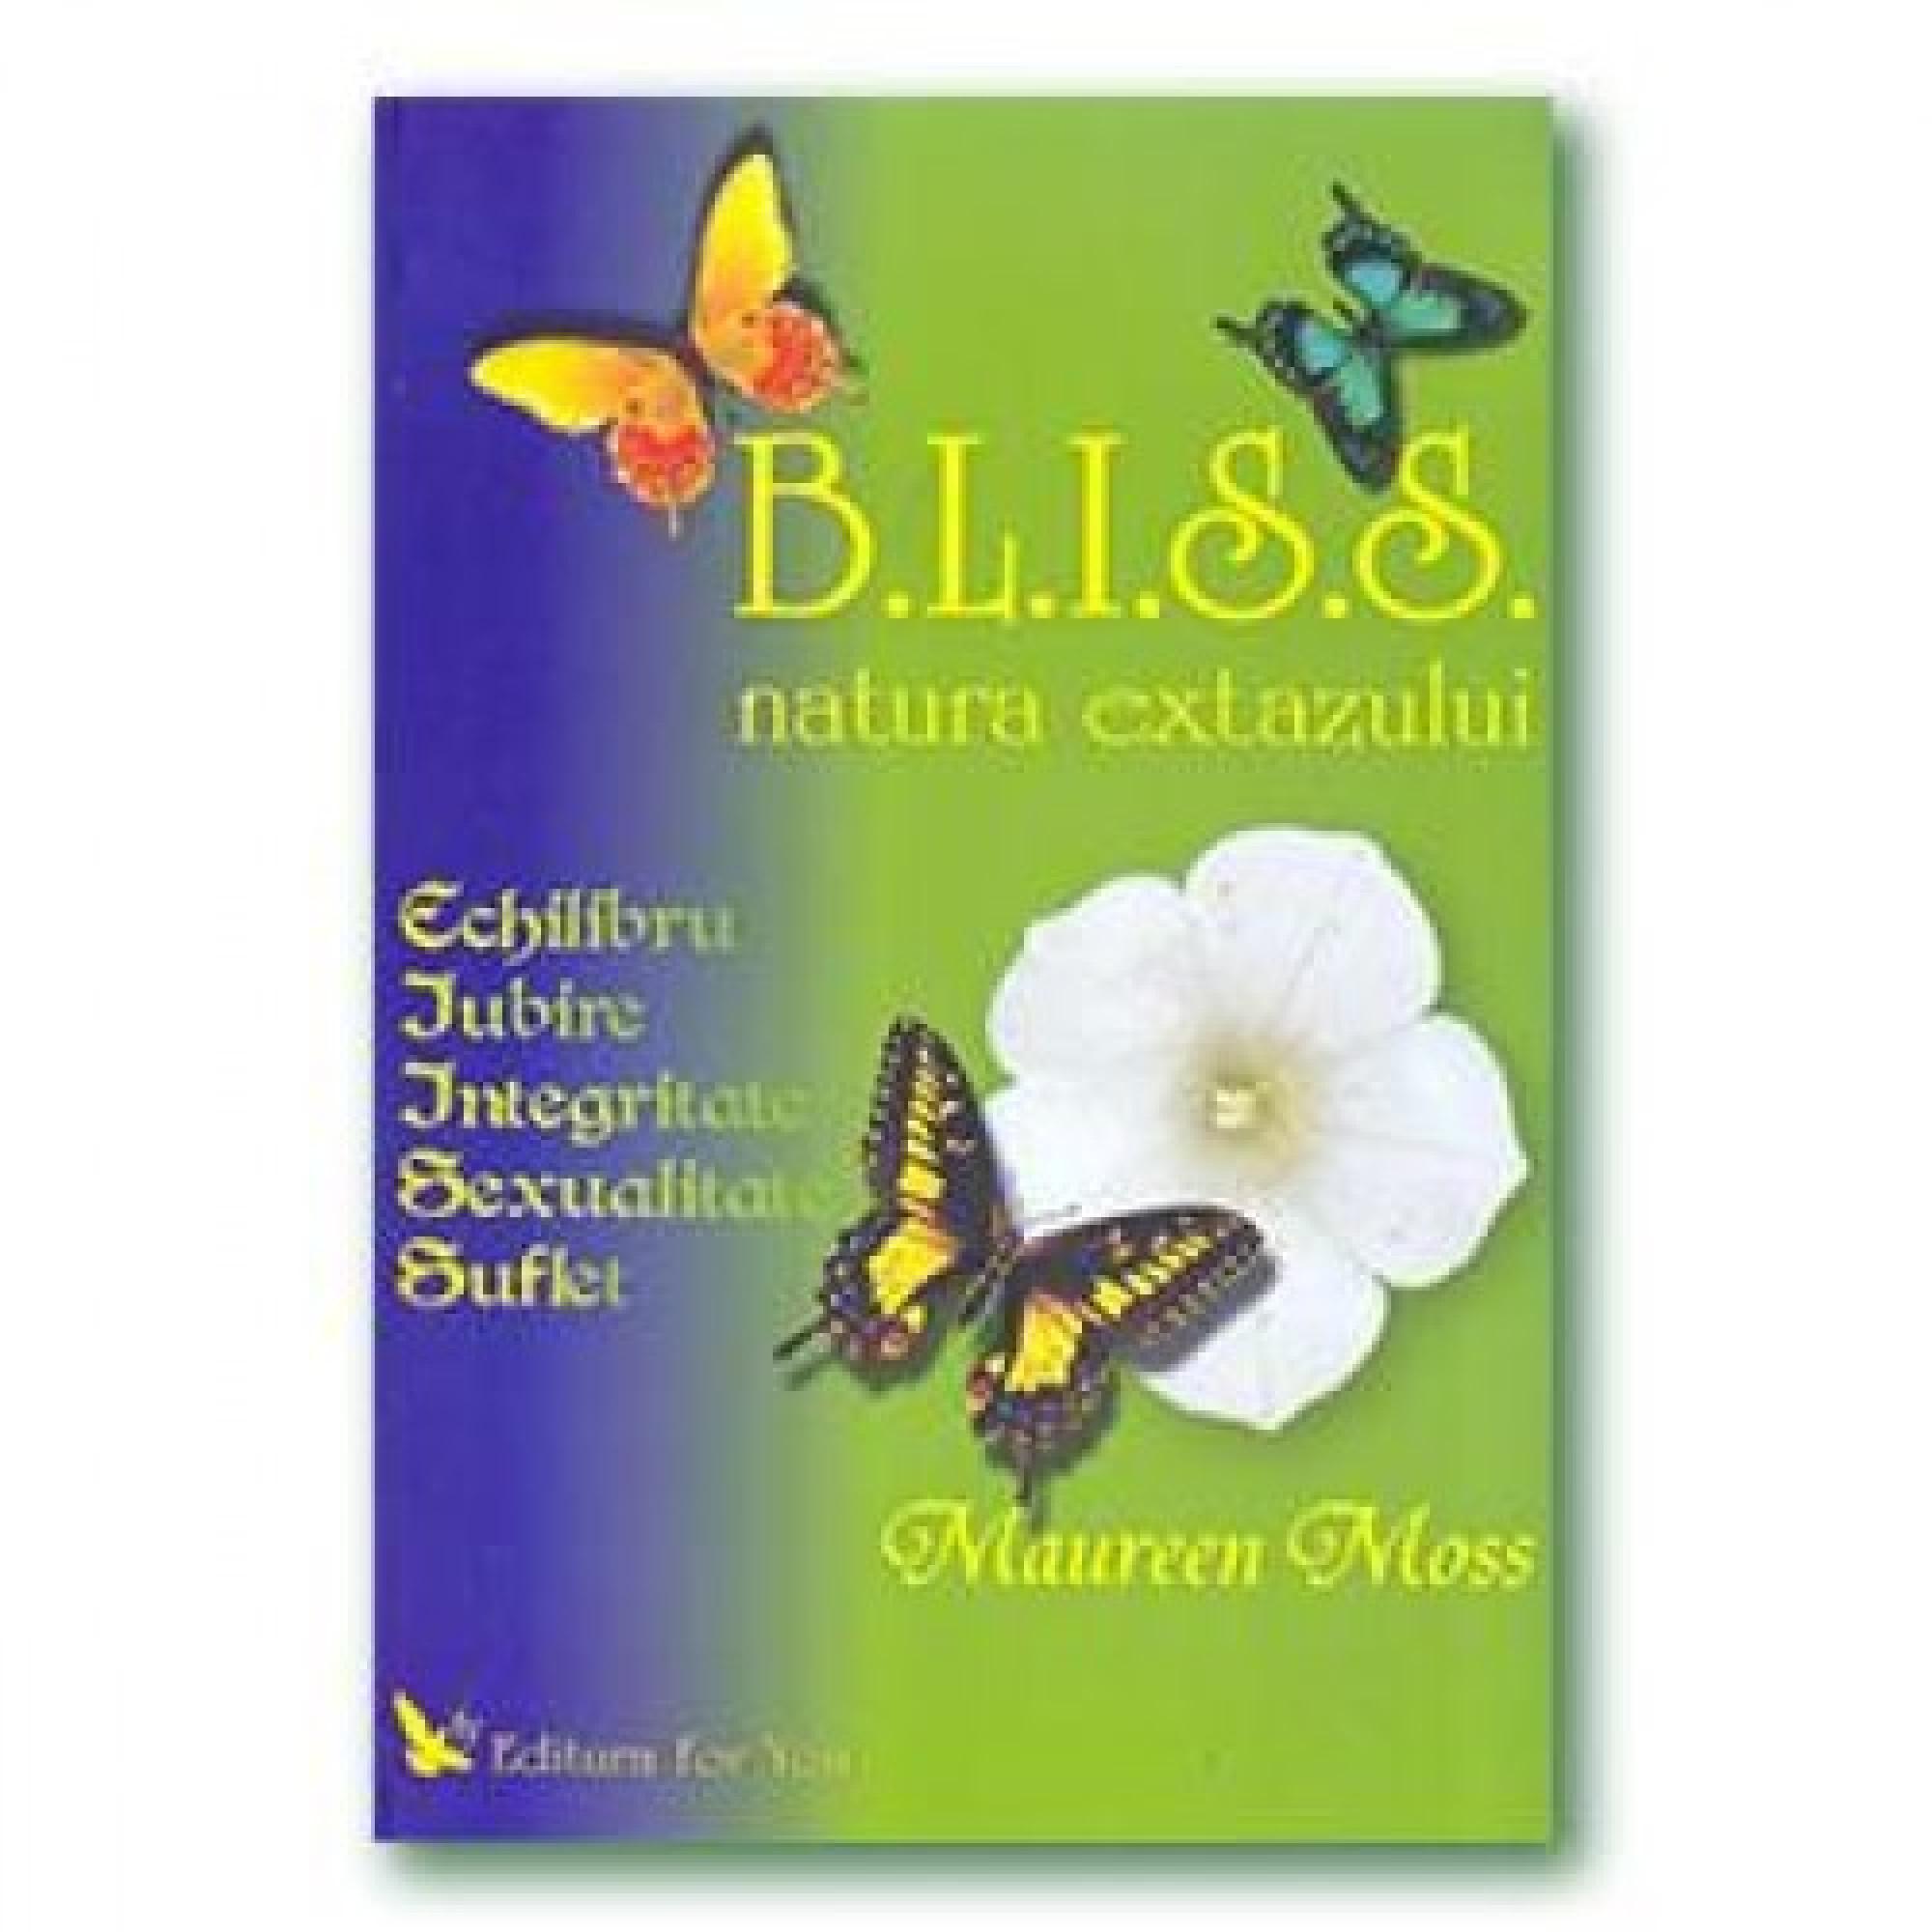 B.L.I.S.S. Natura extazului; Maureen Moss